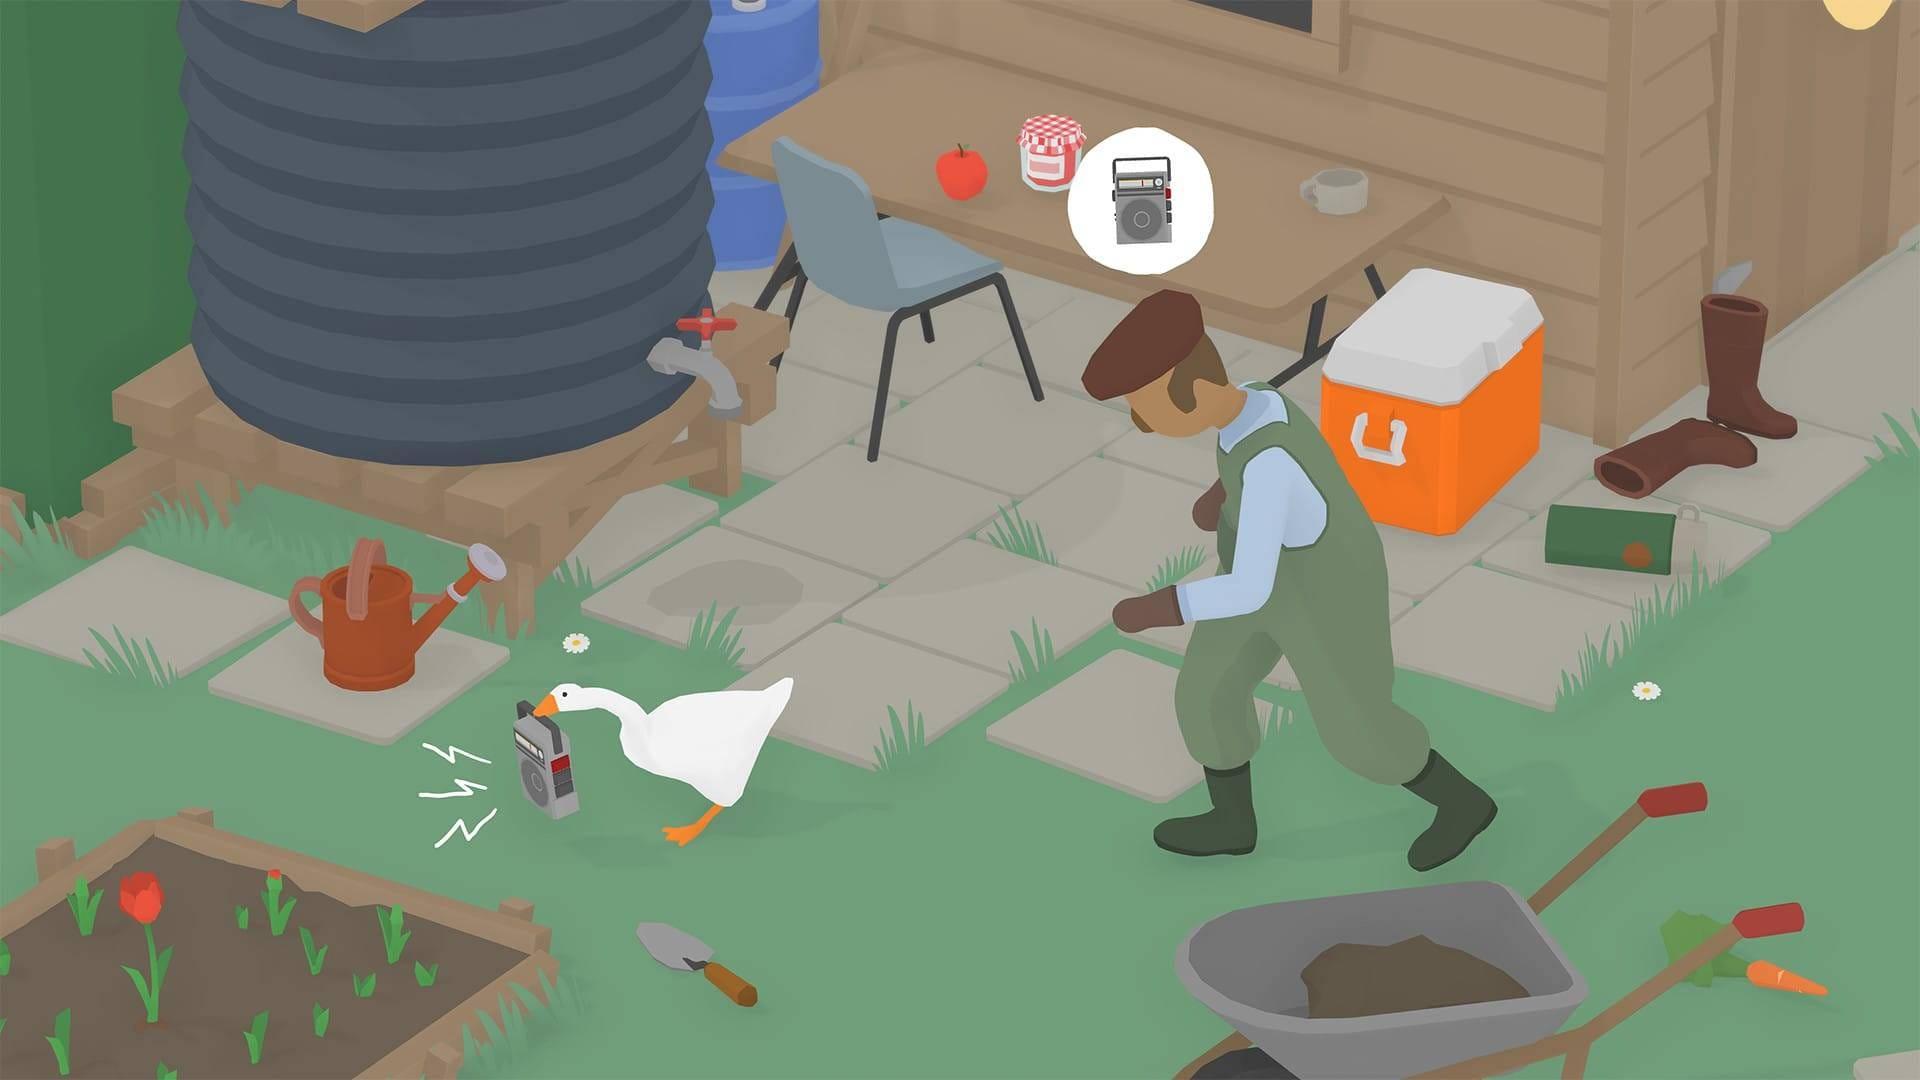 模拟大鹅 1.1.2 (Untitled Goose Game) 动作冒险 第5张